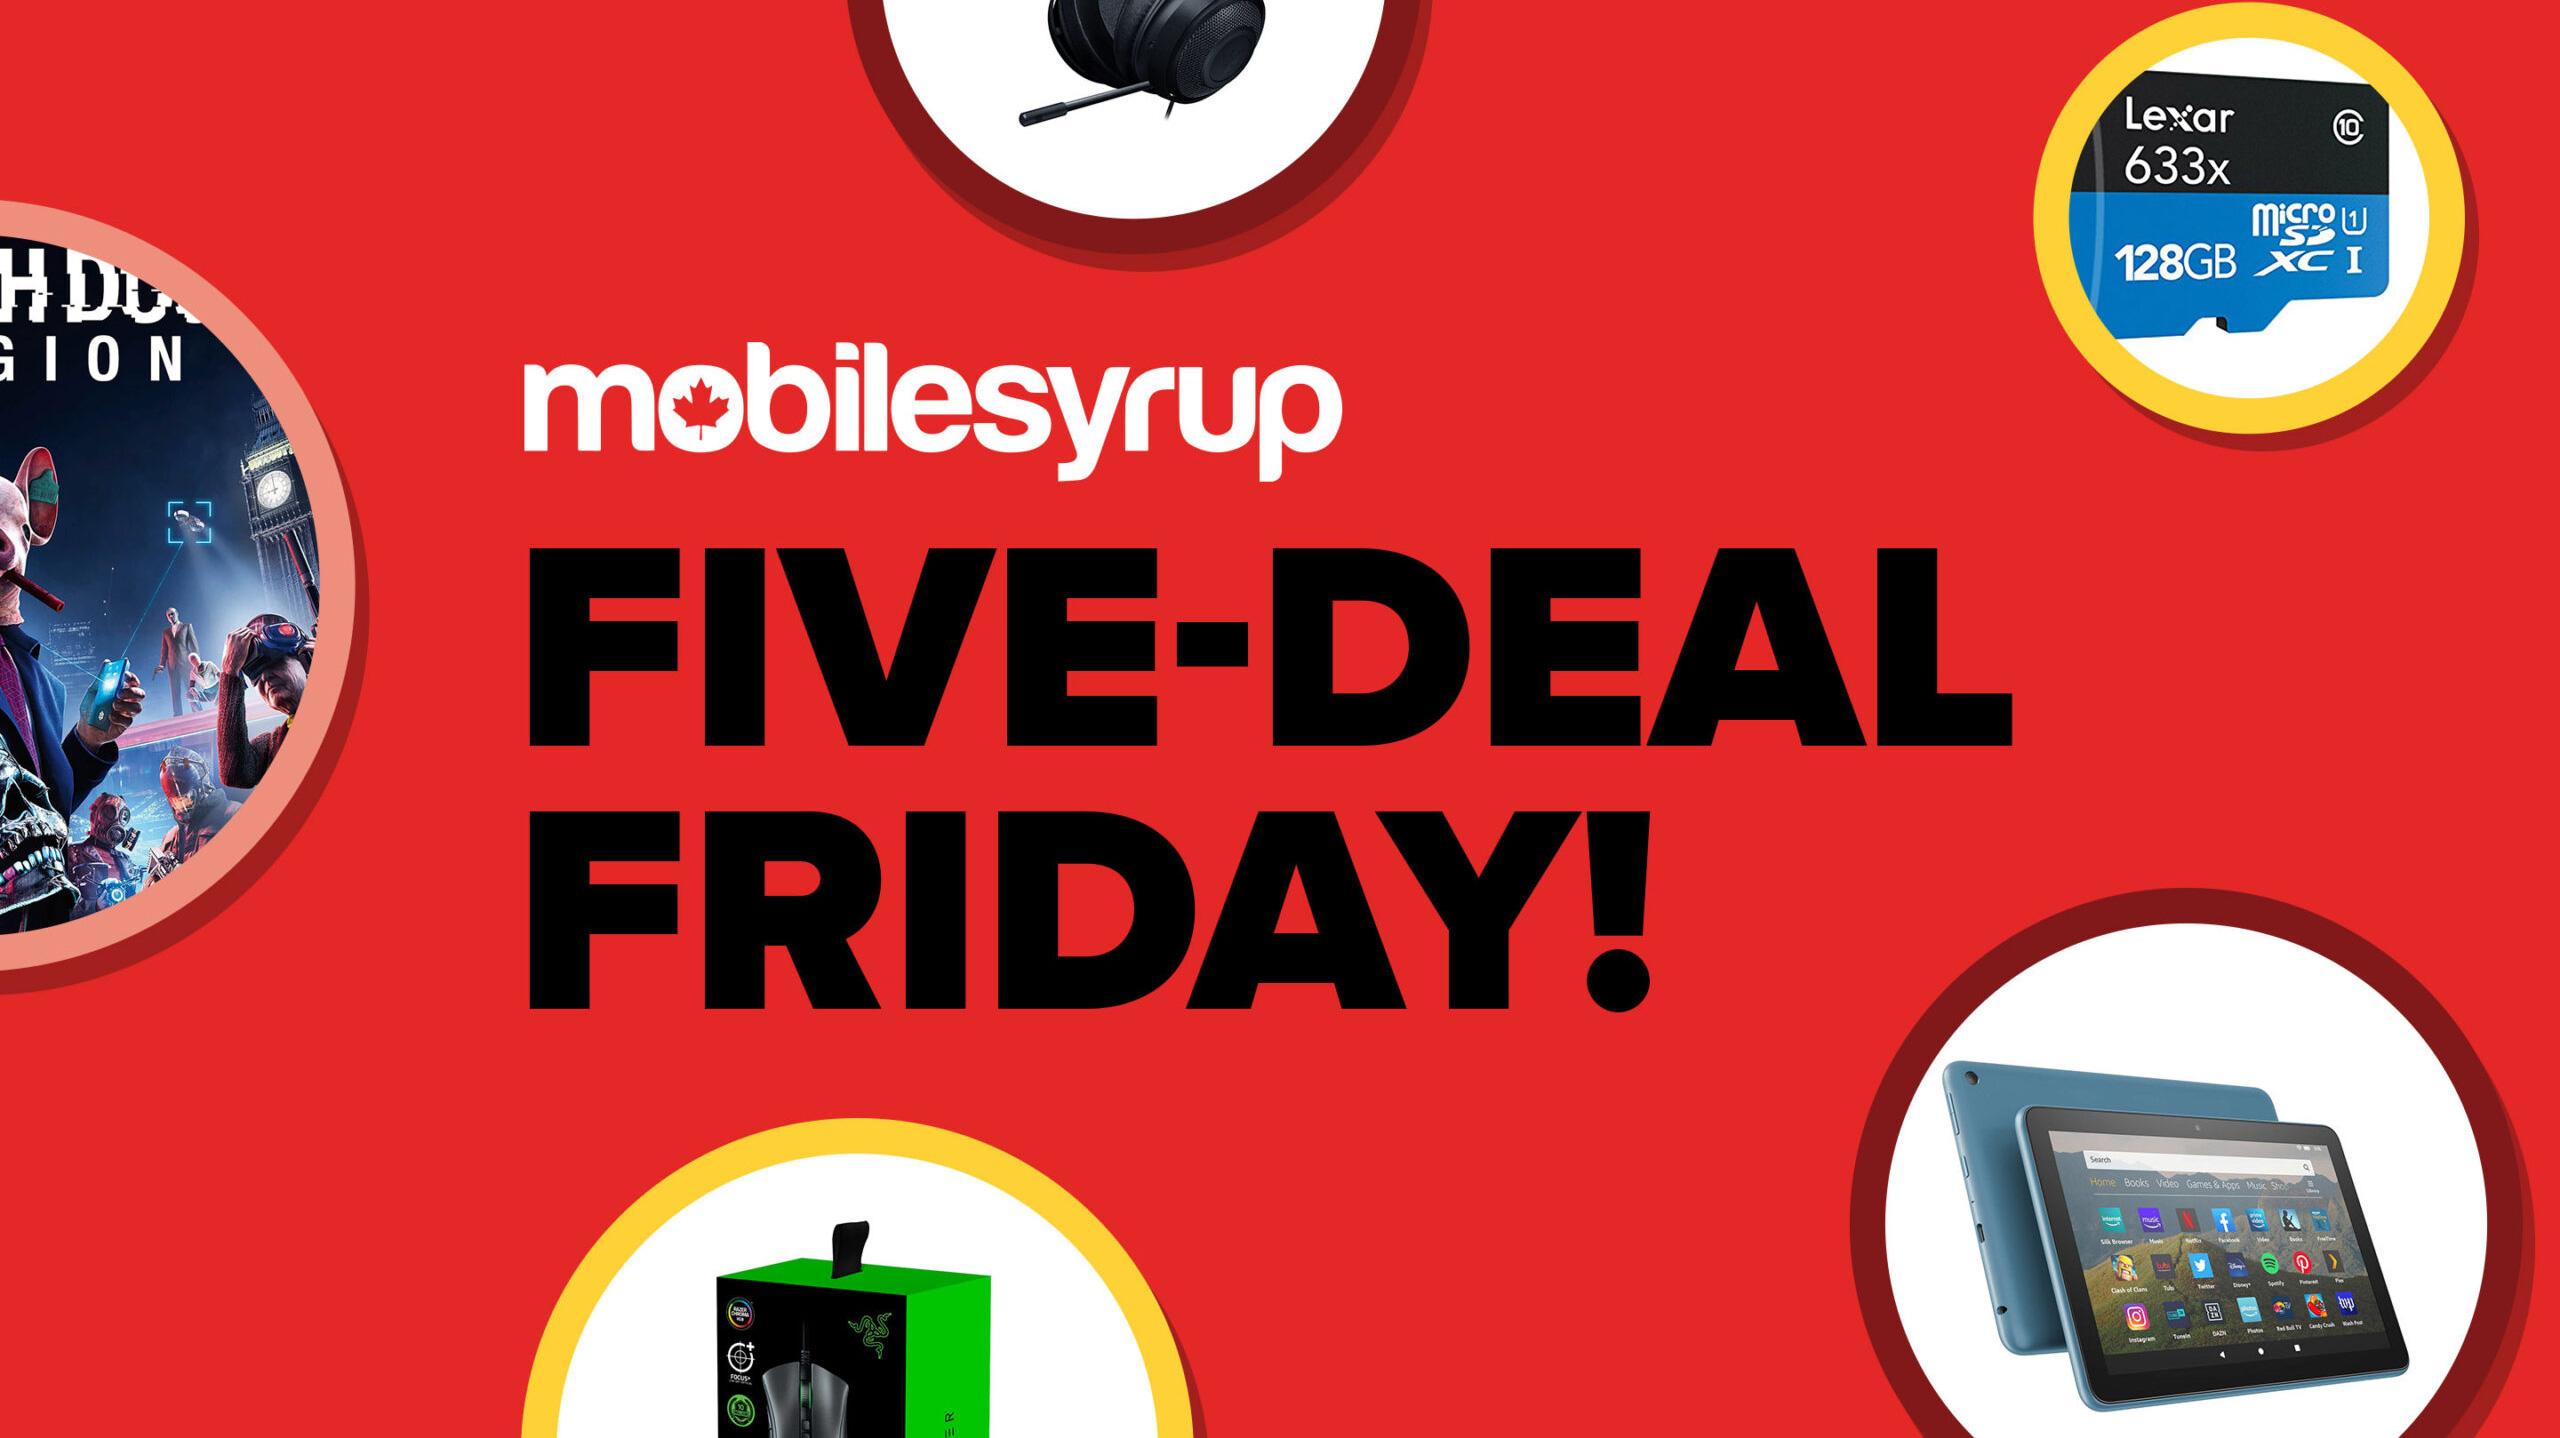 Five Deals Friday